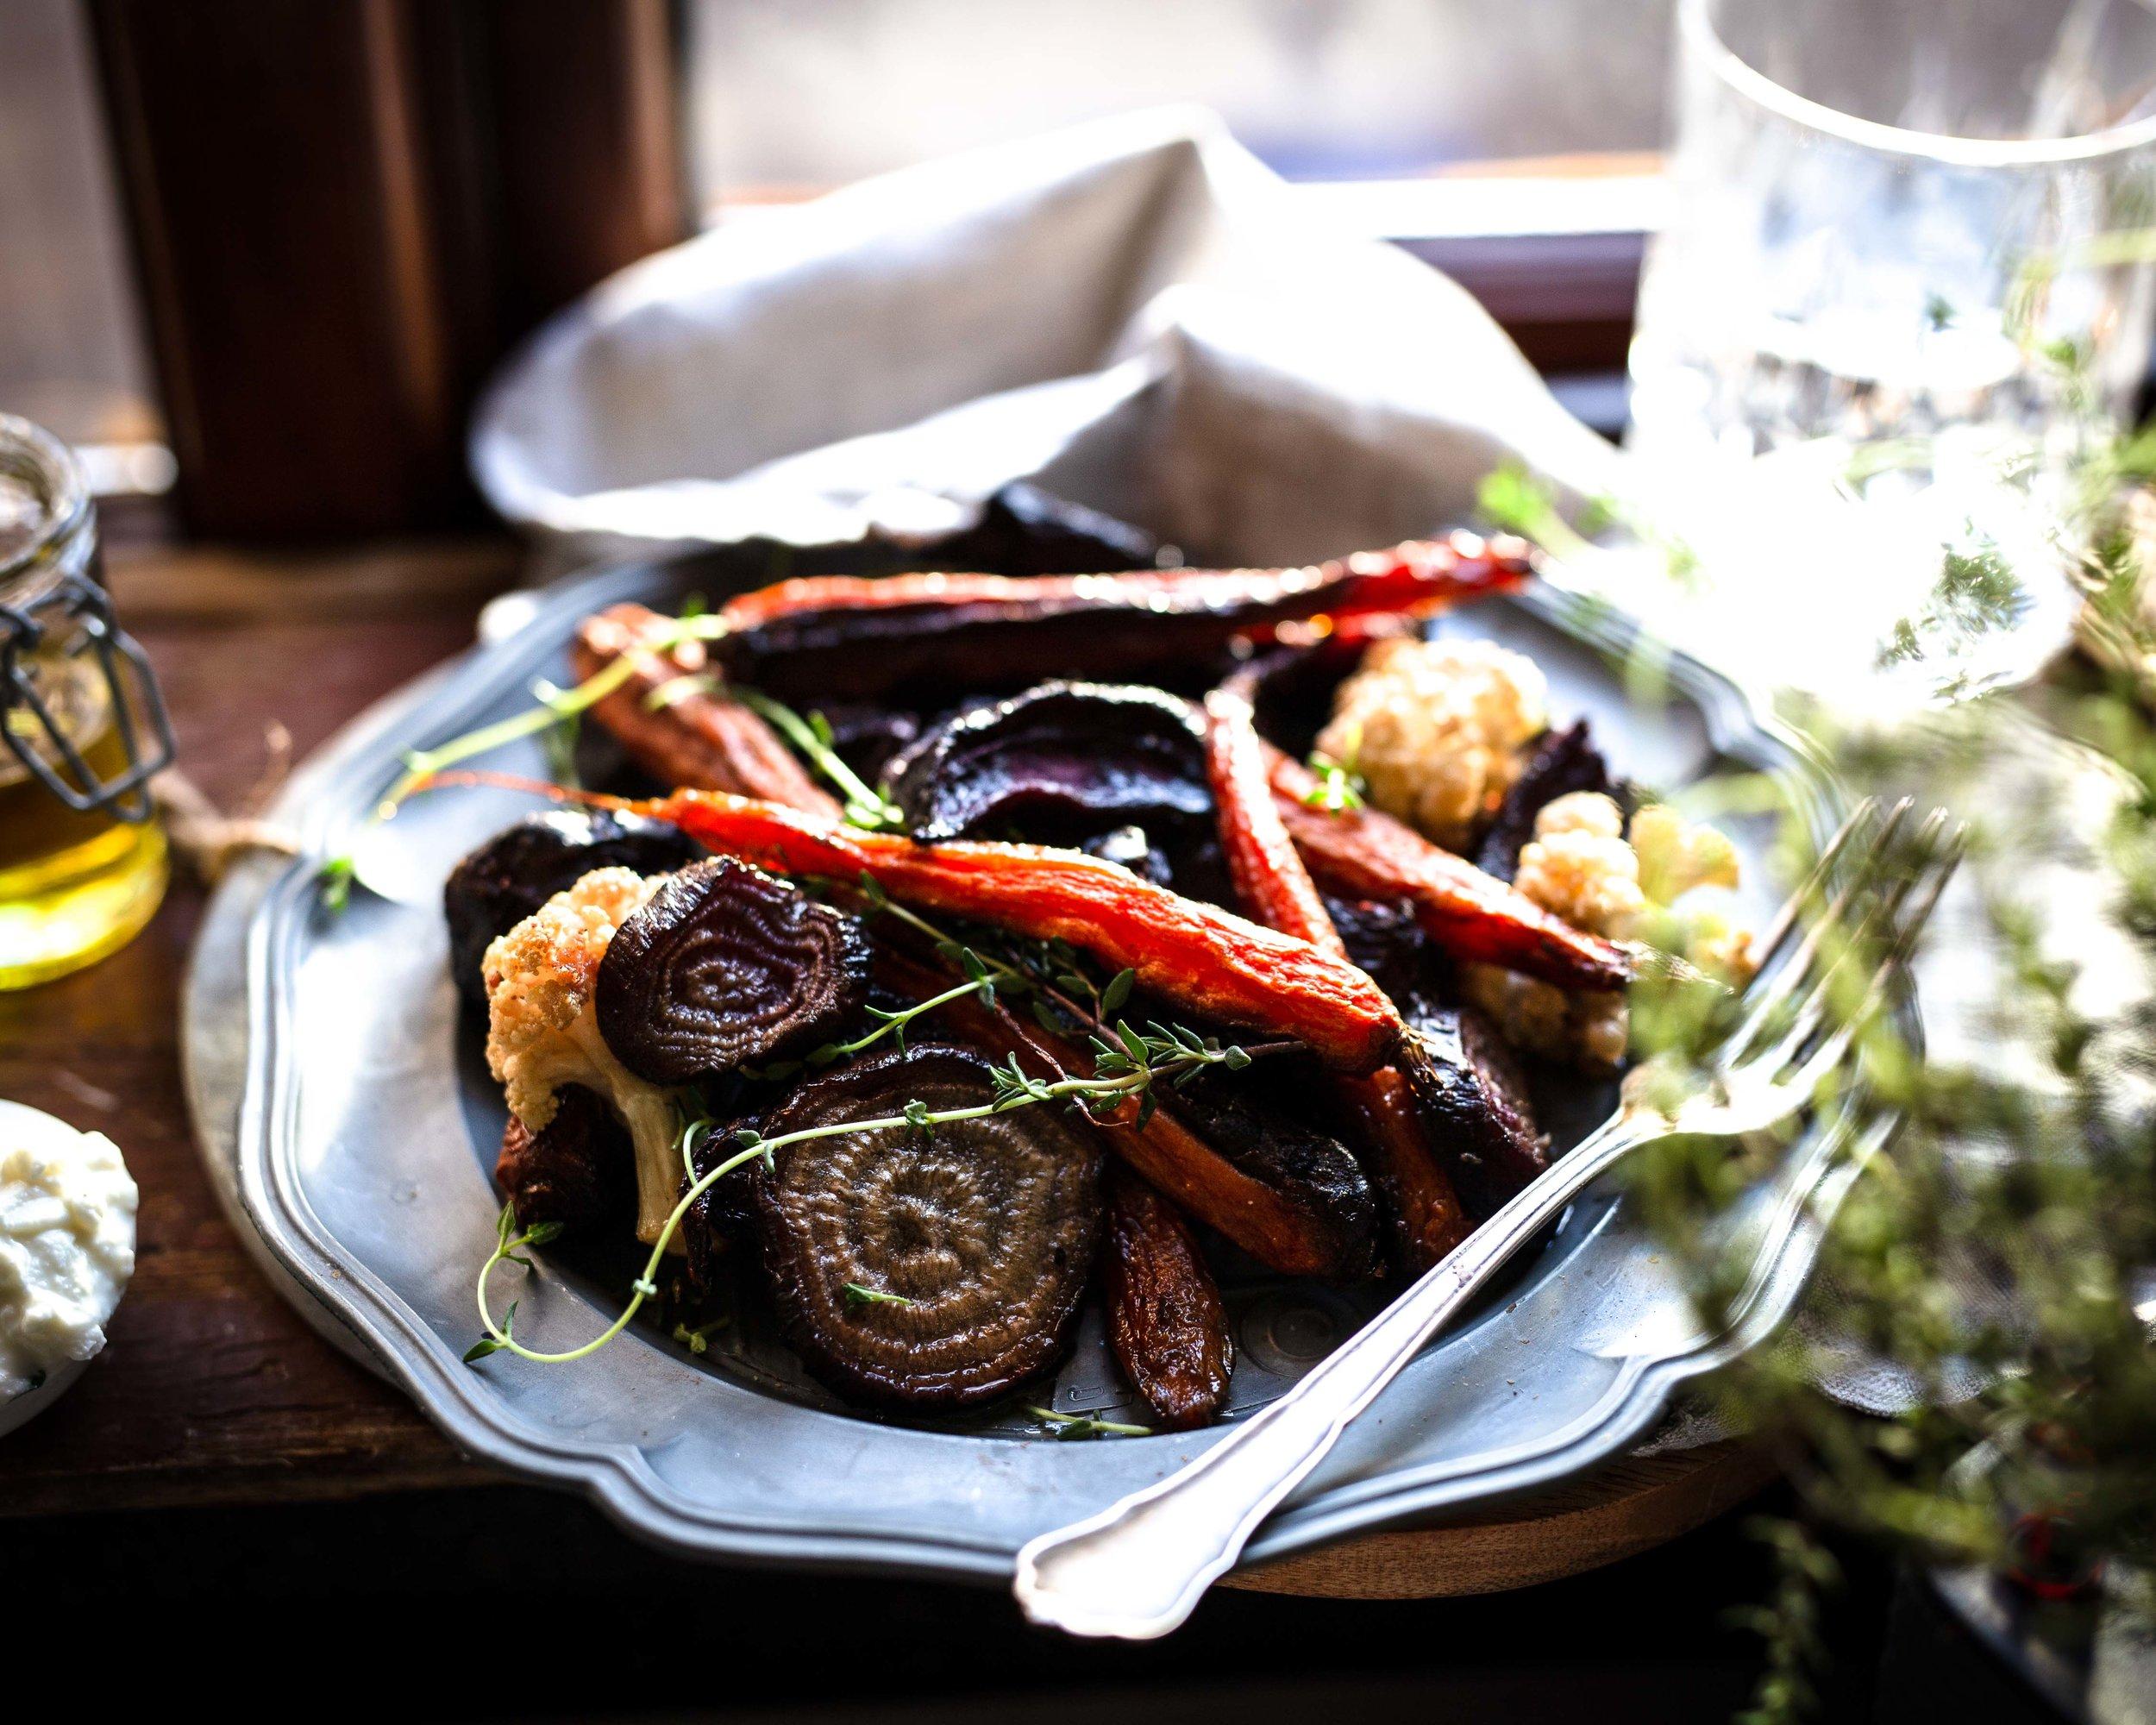 Geröstetes Gemüse mit Kräuter-Quark Dip - definitiv mehr als nur eine Beilage.